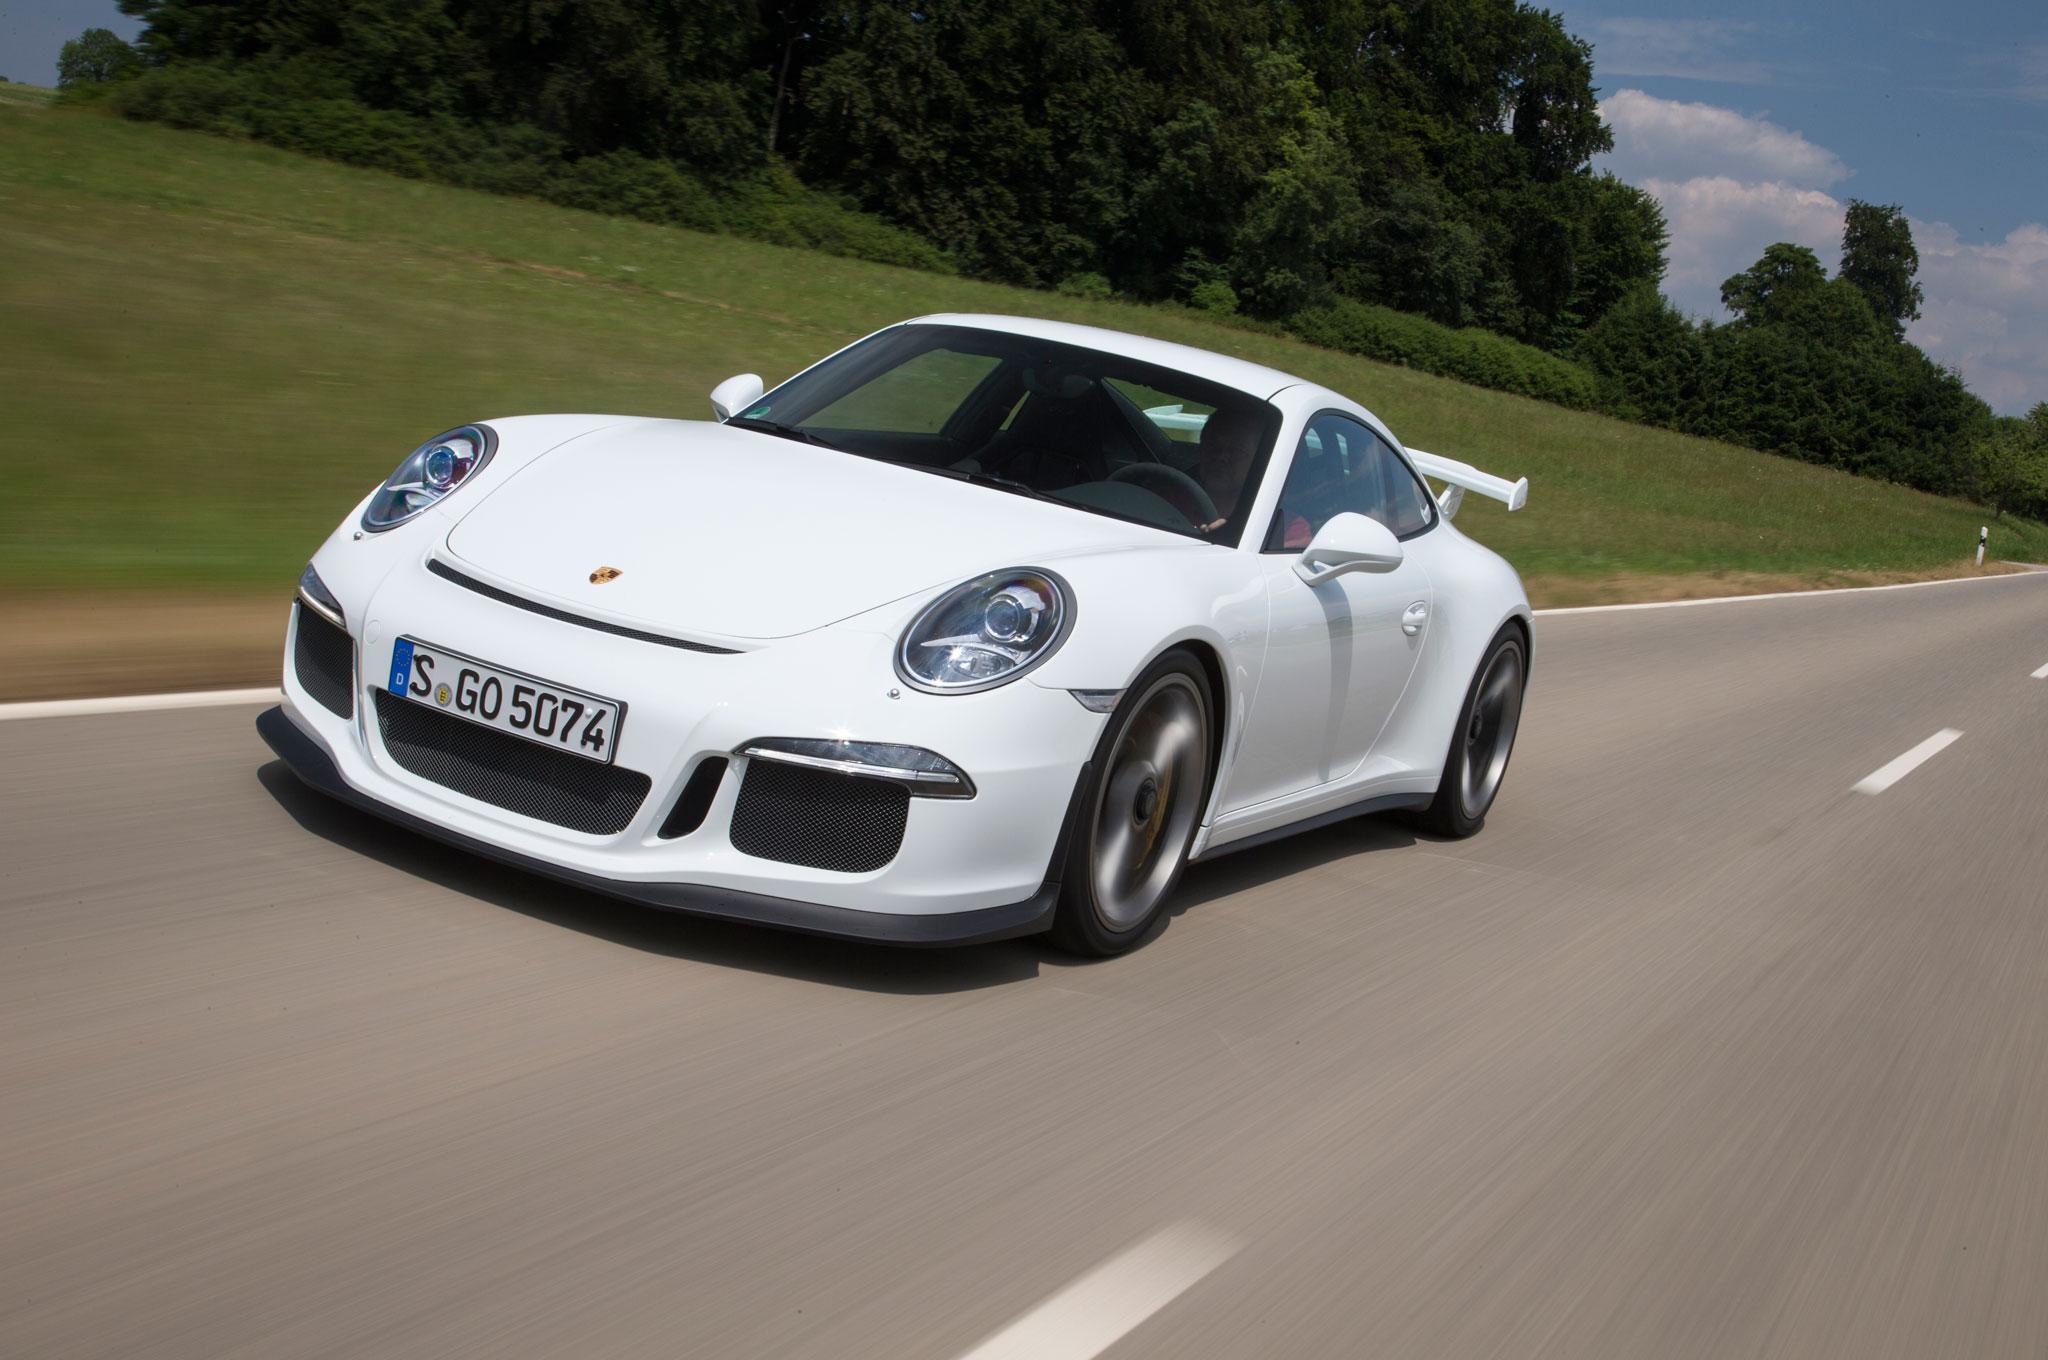 2014 porsche 911 gt3 32250 - 911 Porsche 2015 White